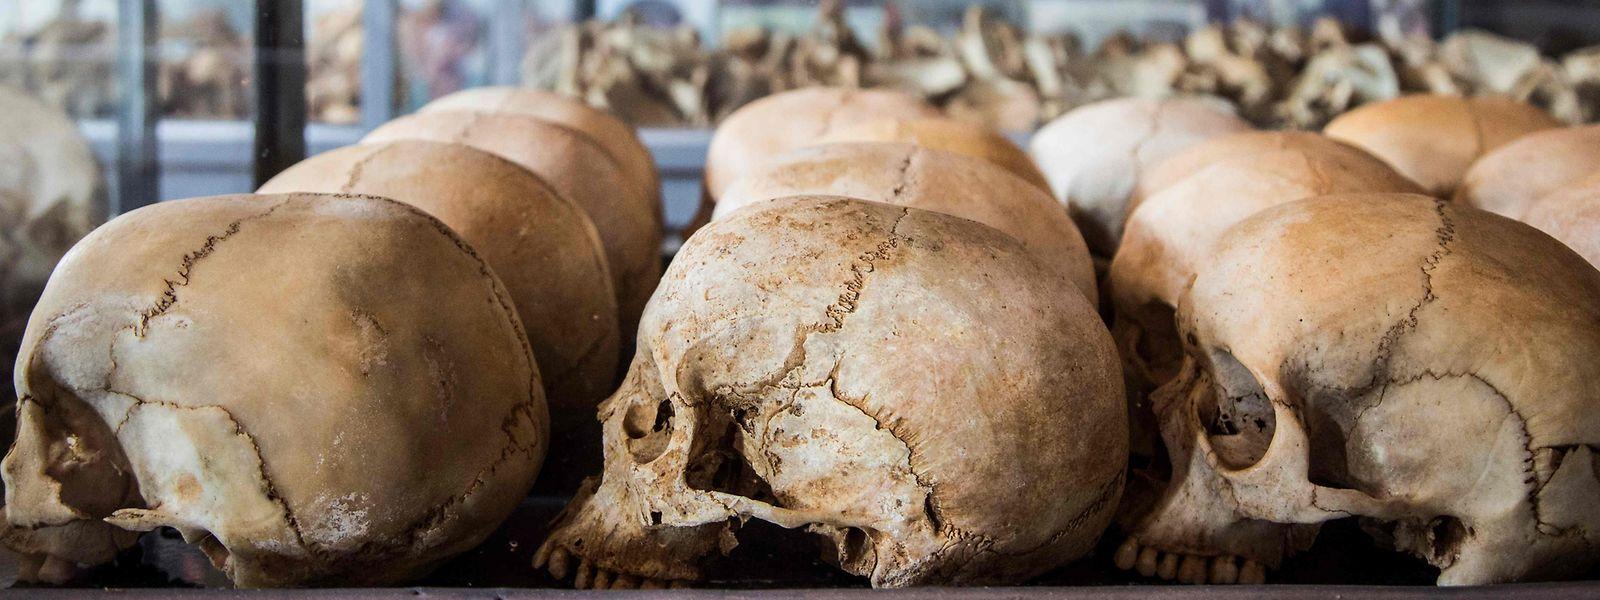 Schädel mit schrecklichen Spuren: Die meisten Opfer wurden mit Macheten getötet.